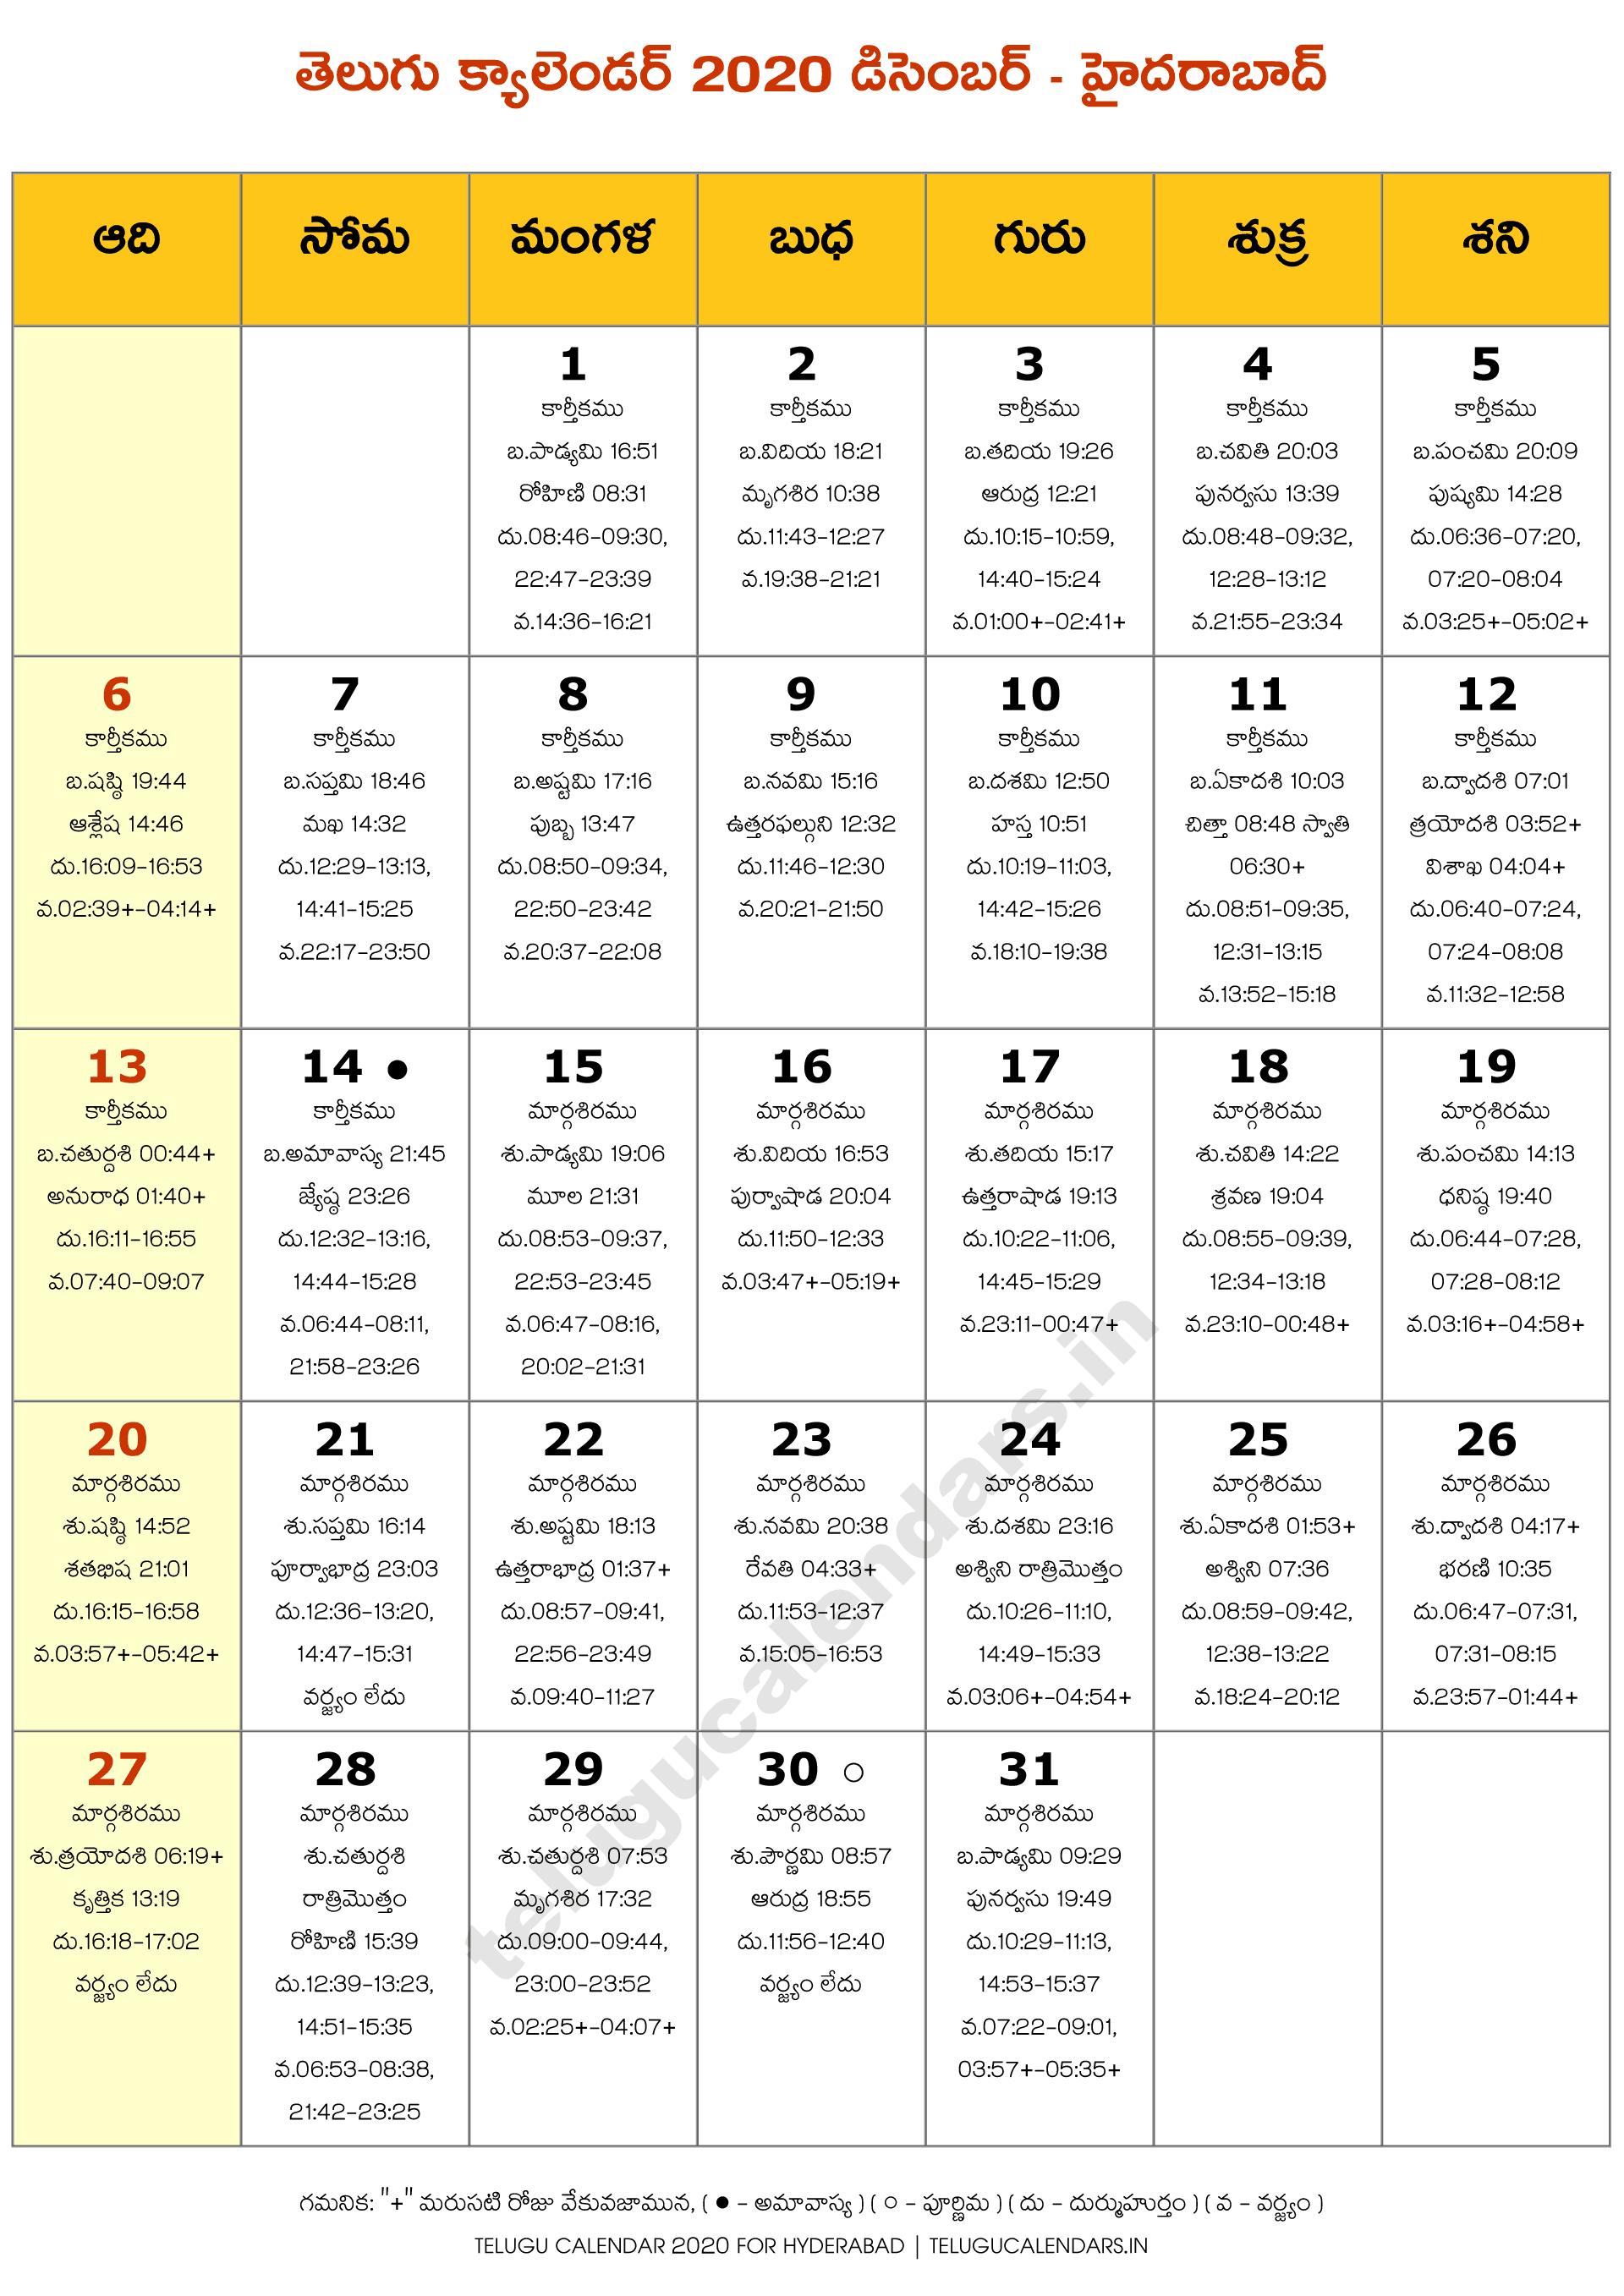 Hyderabad 2020 December Telugu Calendar | Telugu Calendars